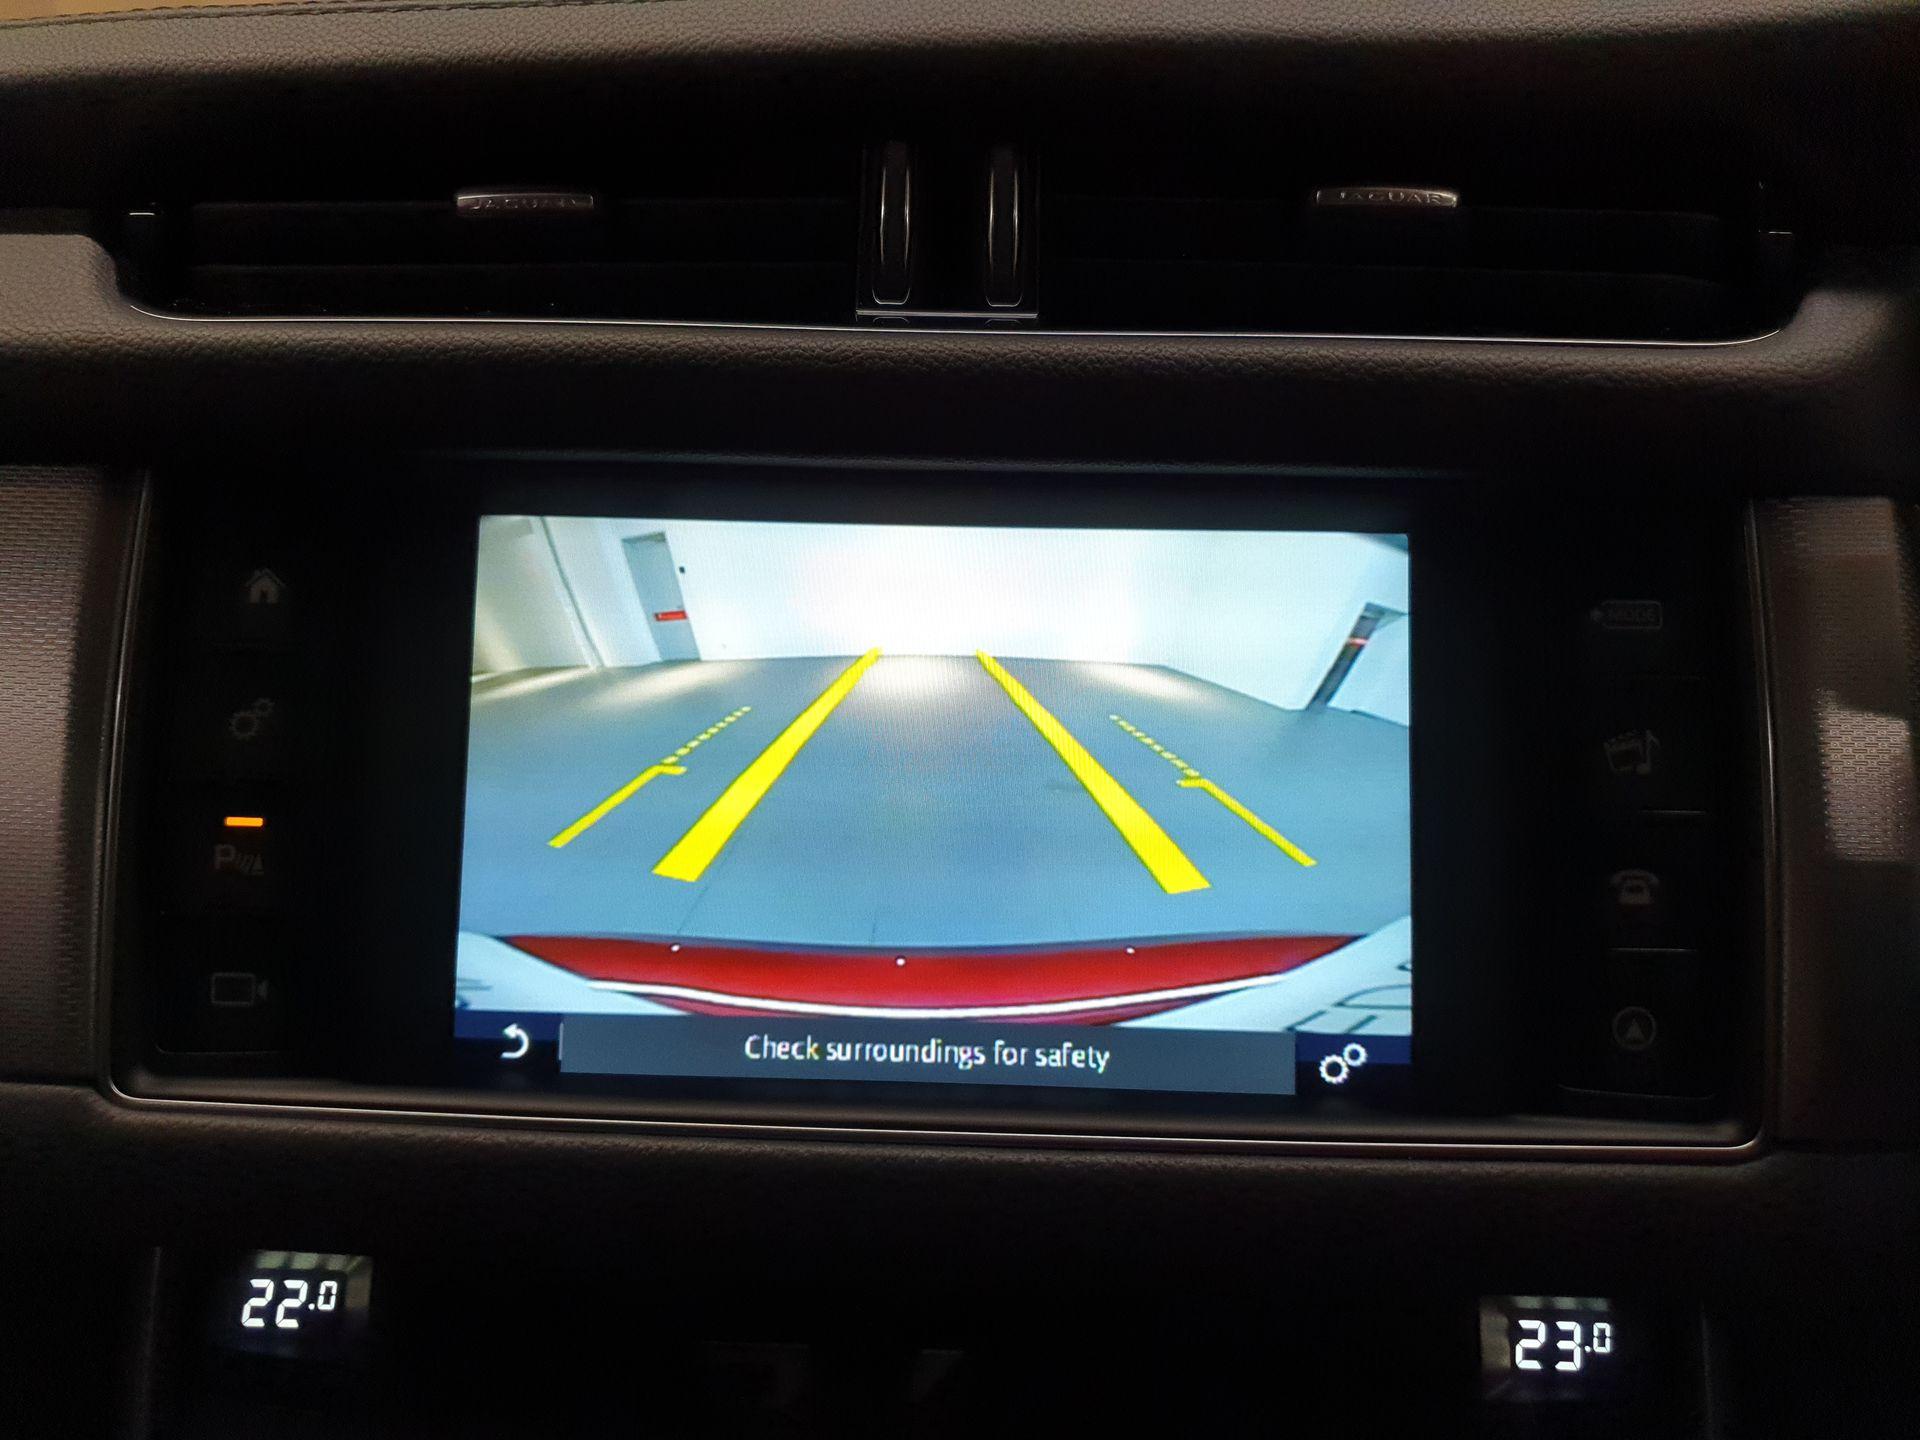 2016 Jaguar XF 2.0L GTDI Petrol